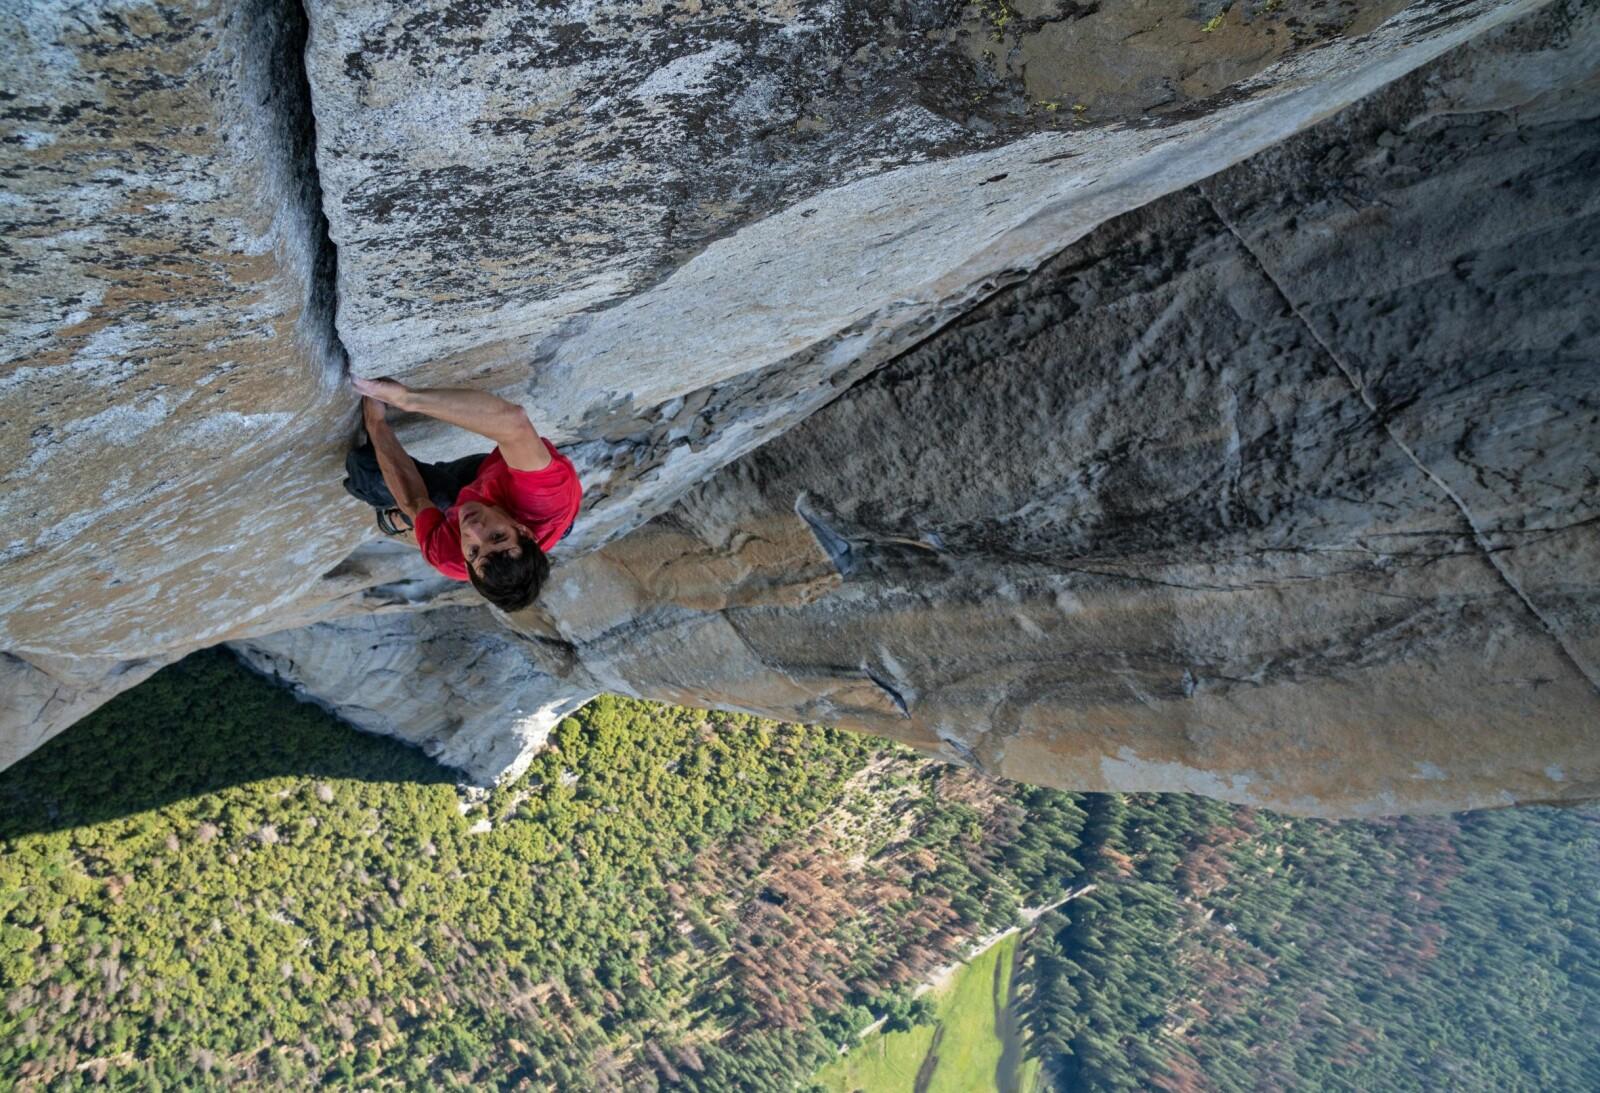 <b>SVIMLENDE:</b> Selv erfarne friklatrere kan bruke opptil fire dager på å bestige El Capitan via Freerider-ruten. Honnold brukte langt mindre tid.